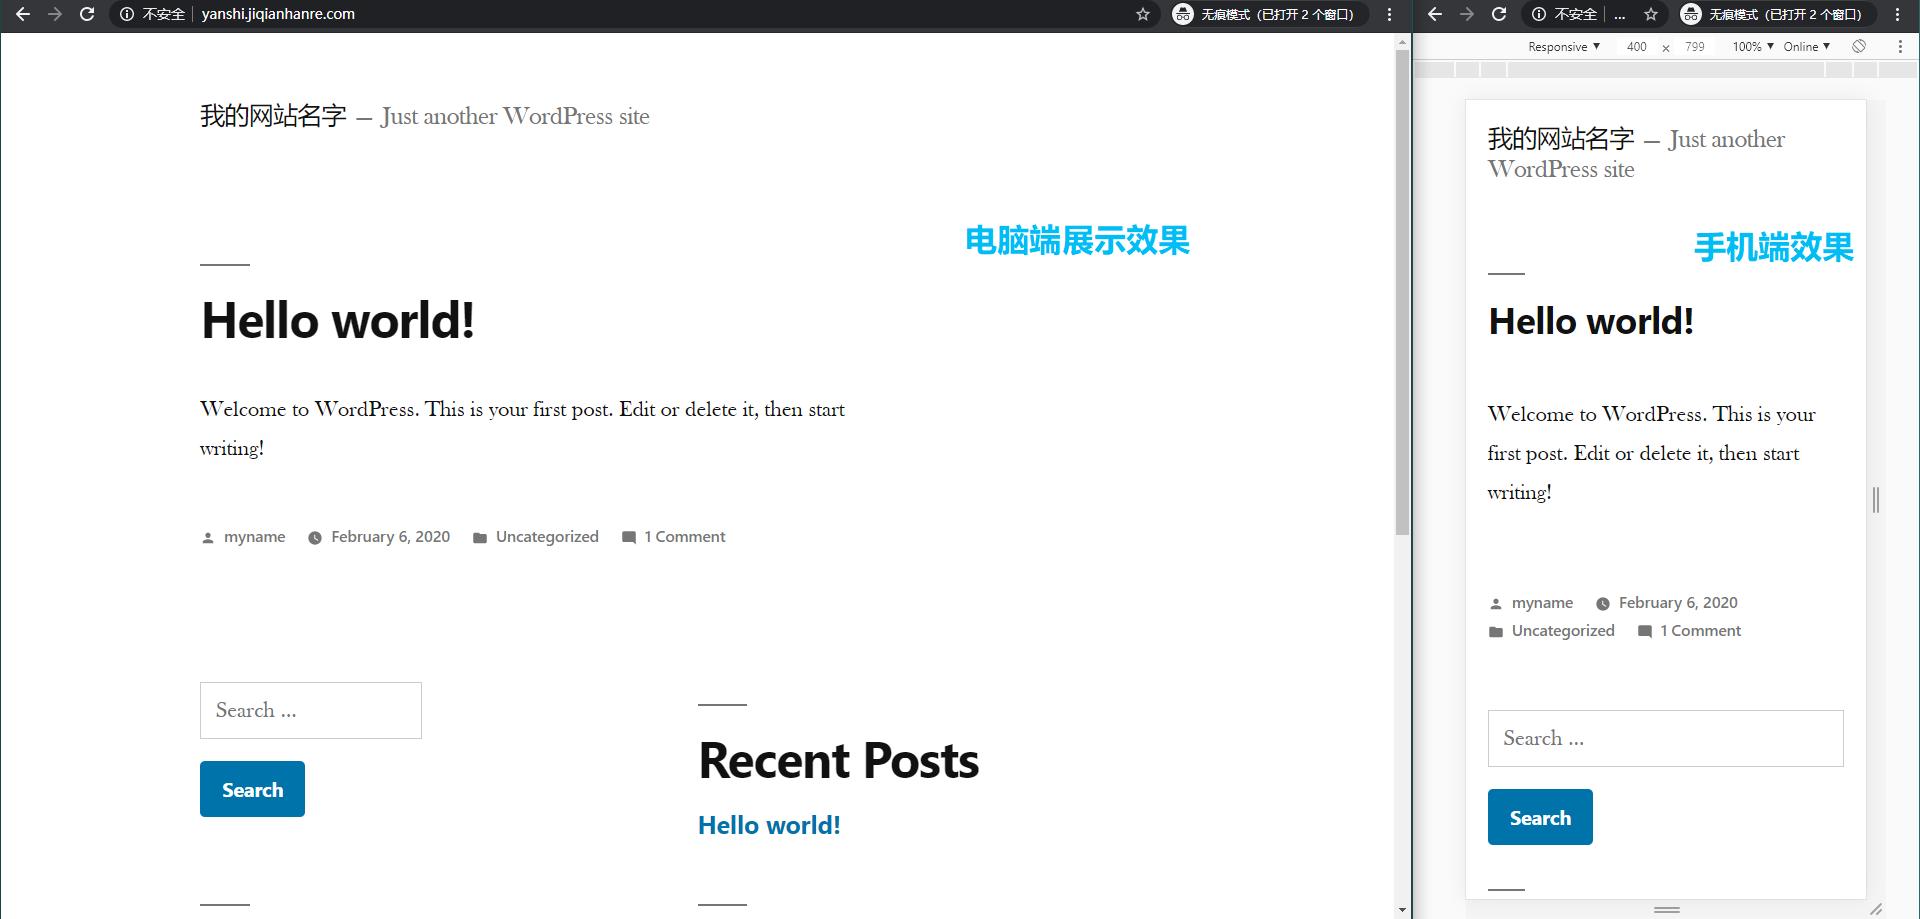 个人博客网站搭建完成-wordpress网站默认页面-电脑端-手机端